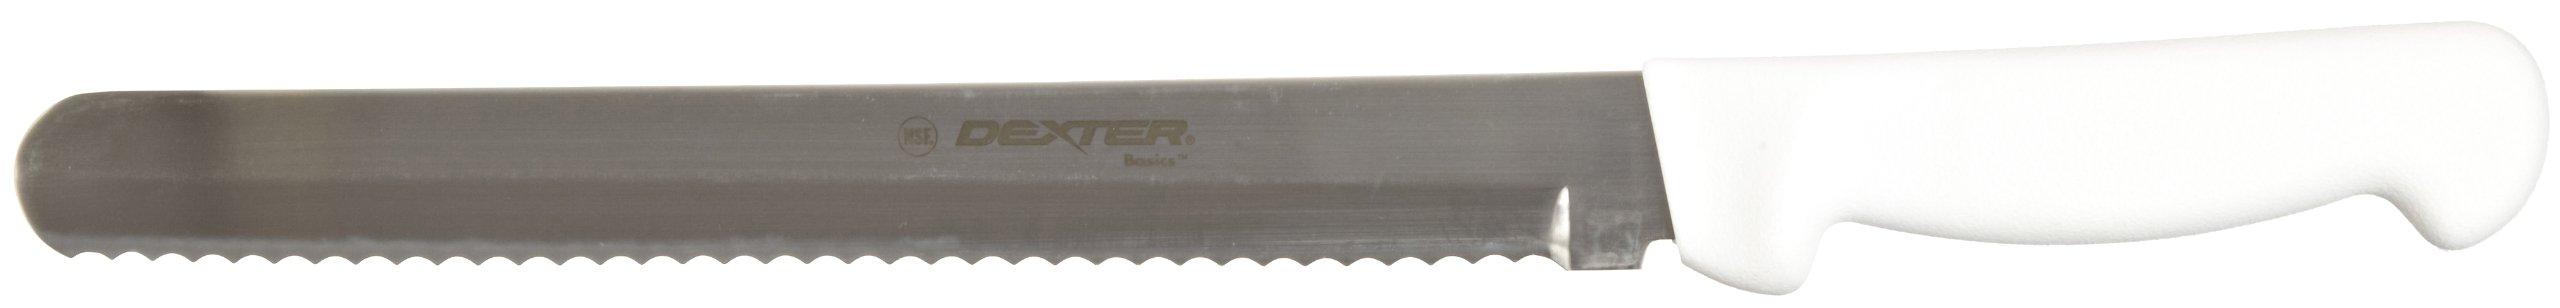 Basics P94804 10'' White Scalloped Slicer with Polypropylene Handle